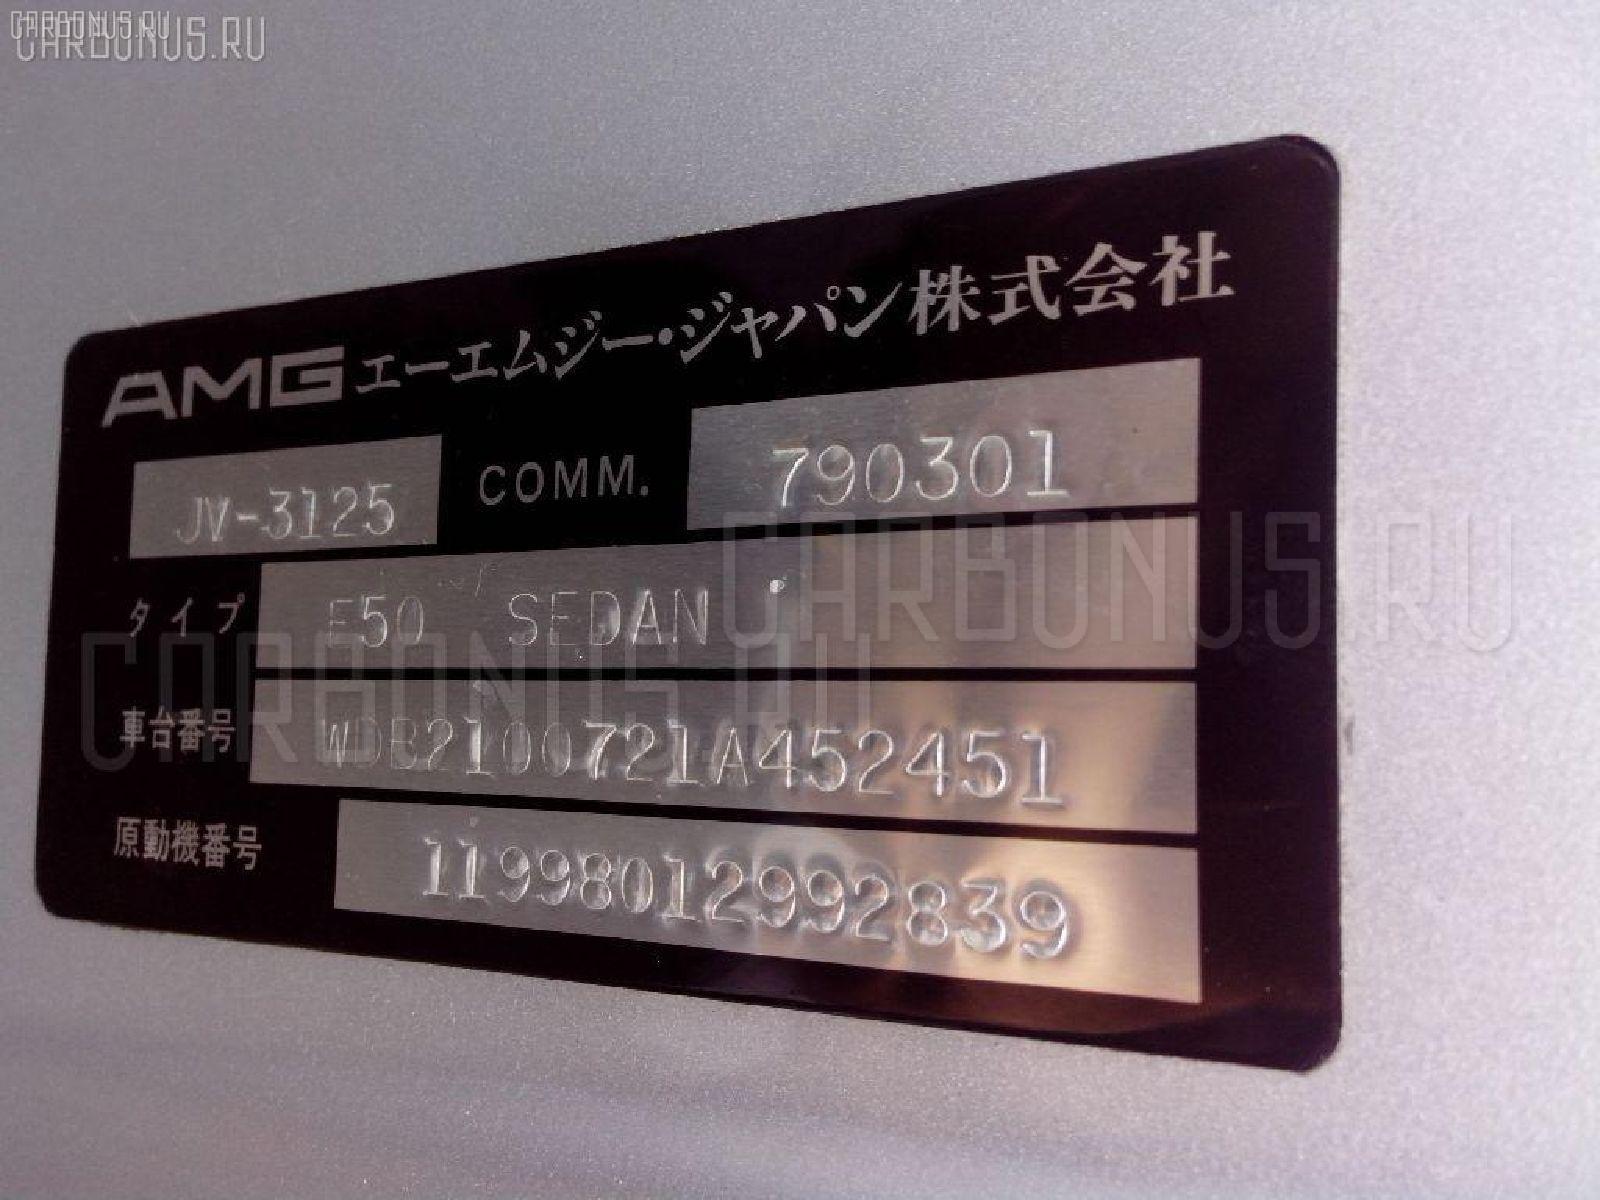 Суппорт MERCEDES-BENZ E-CLASS W210.072 119.980 Фото 5